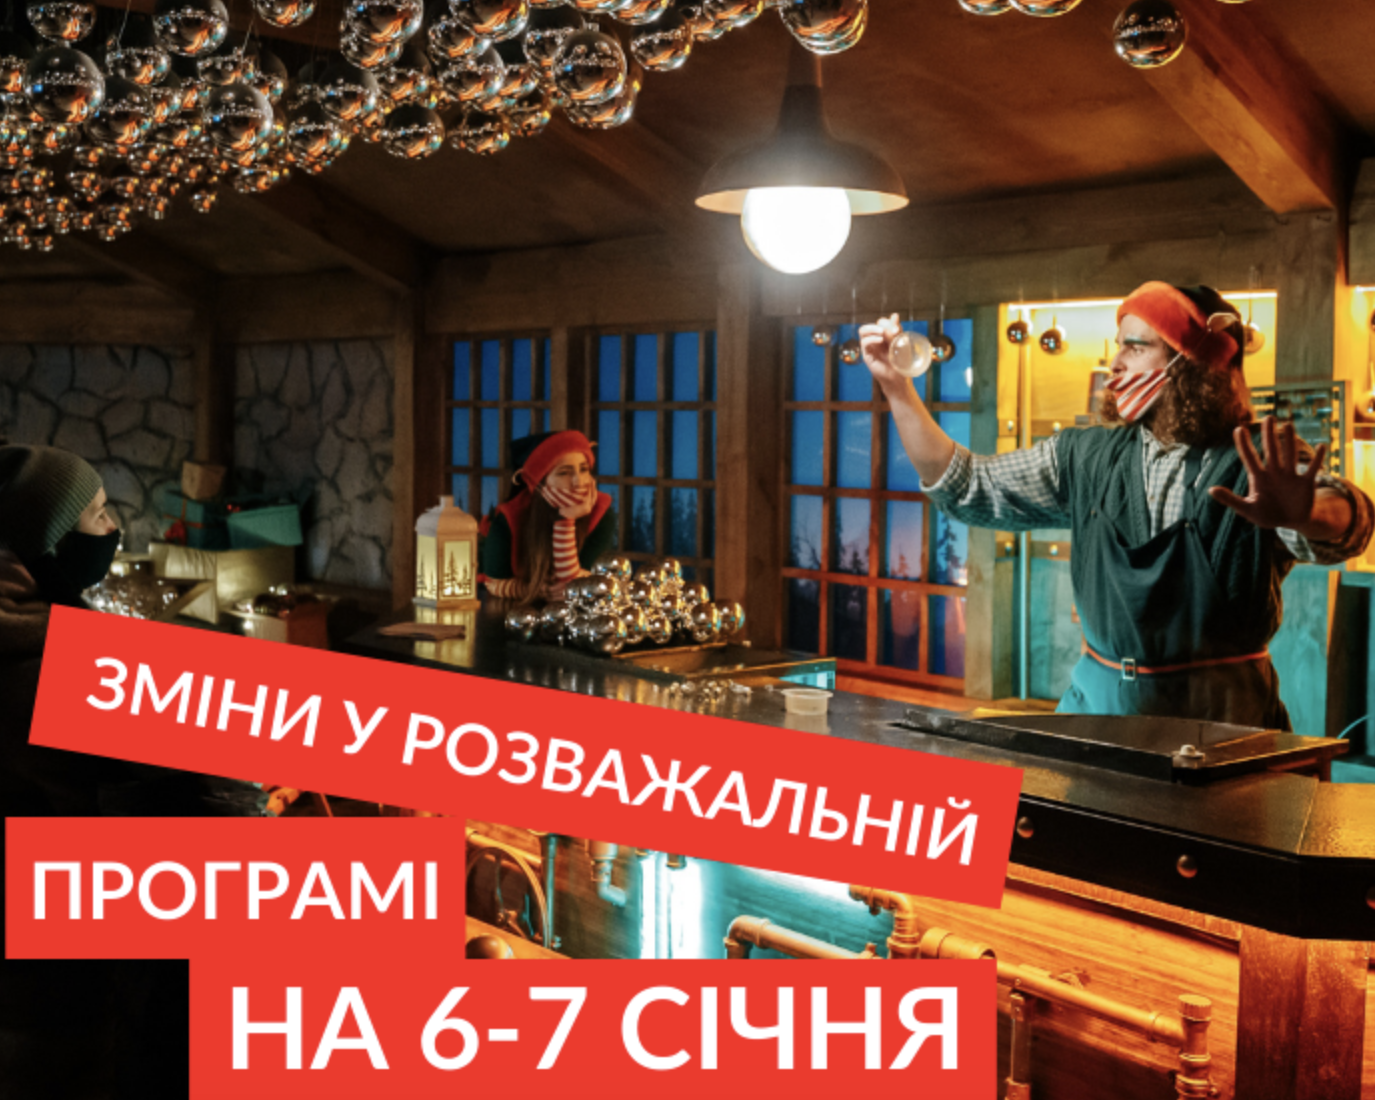 Розважальна програма на Різдво!